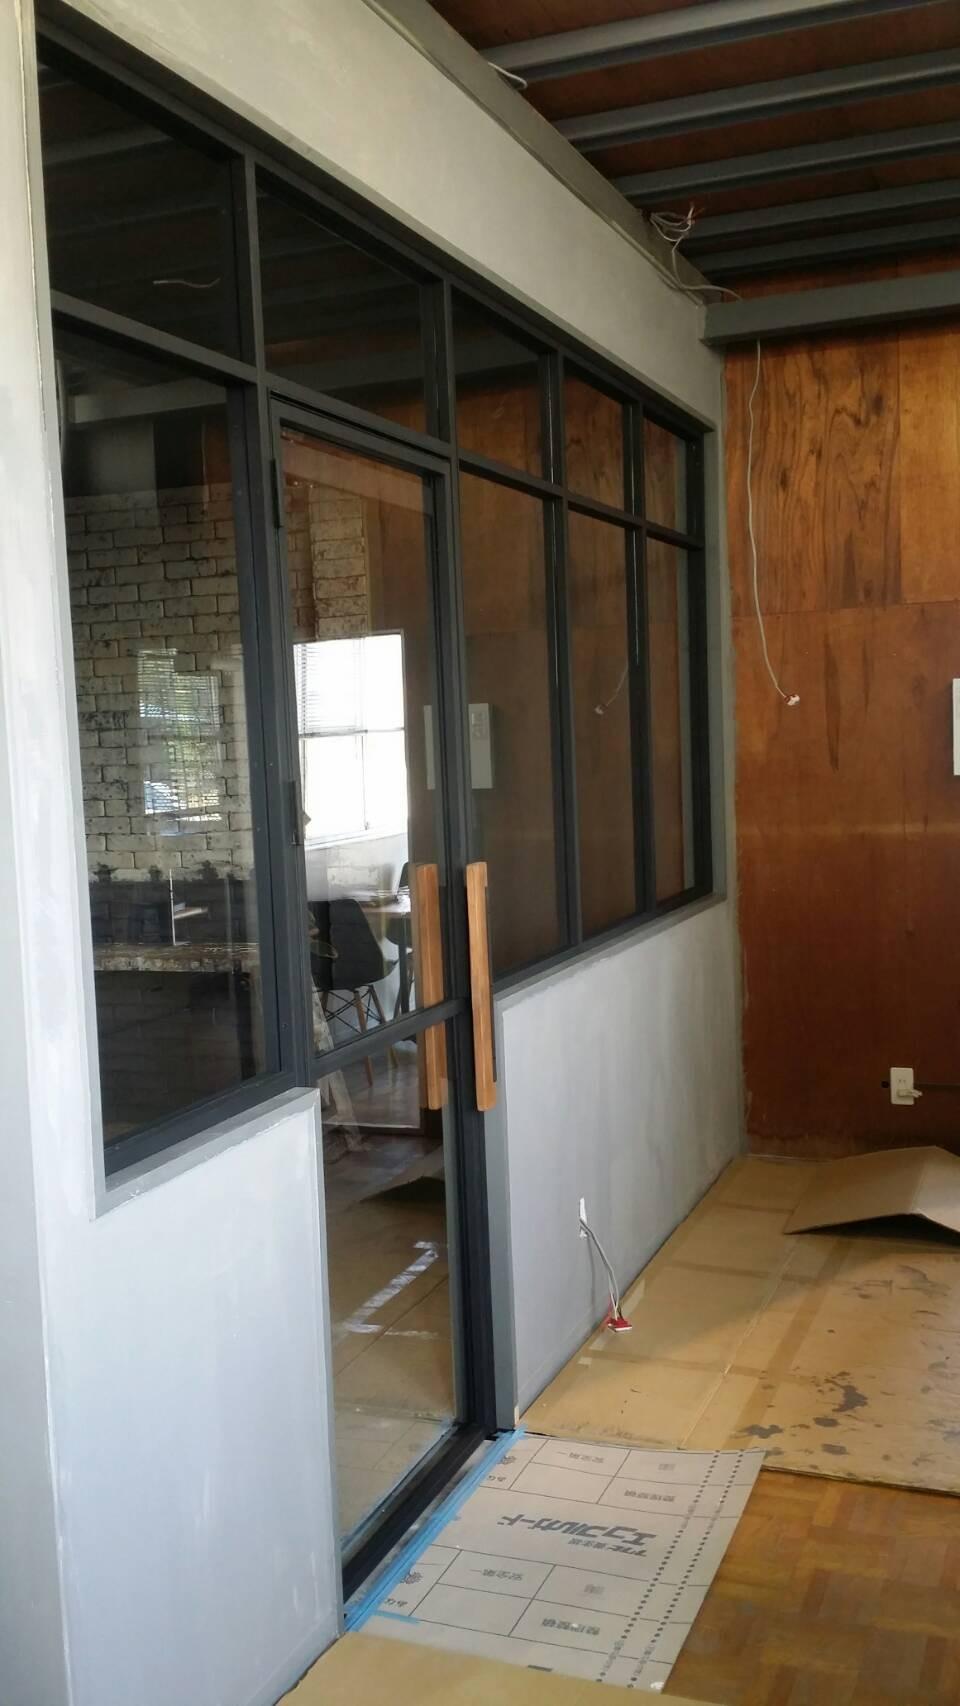 室内用スチール製ドアとFIX窓を製作しました。